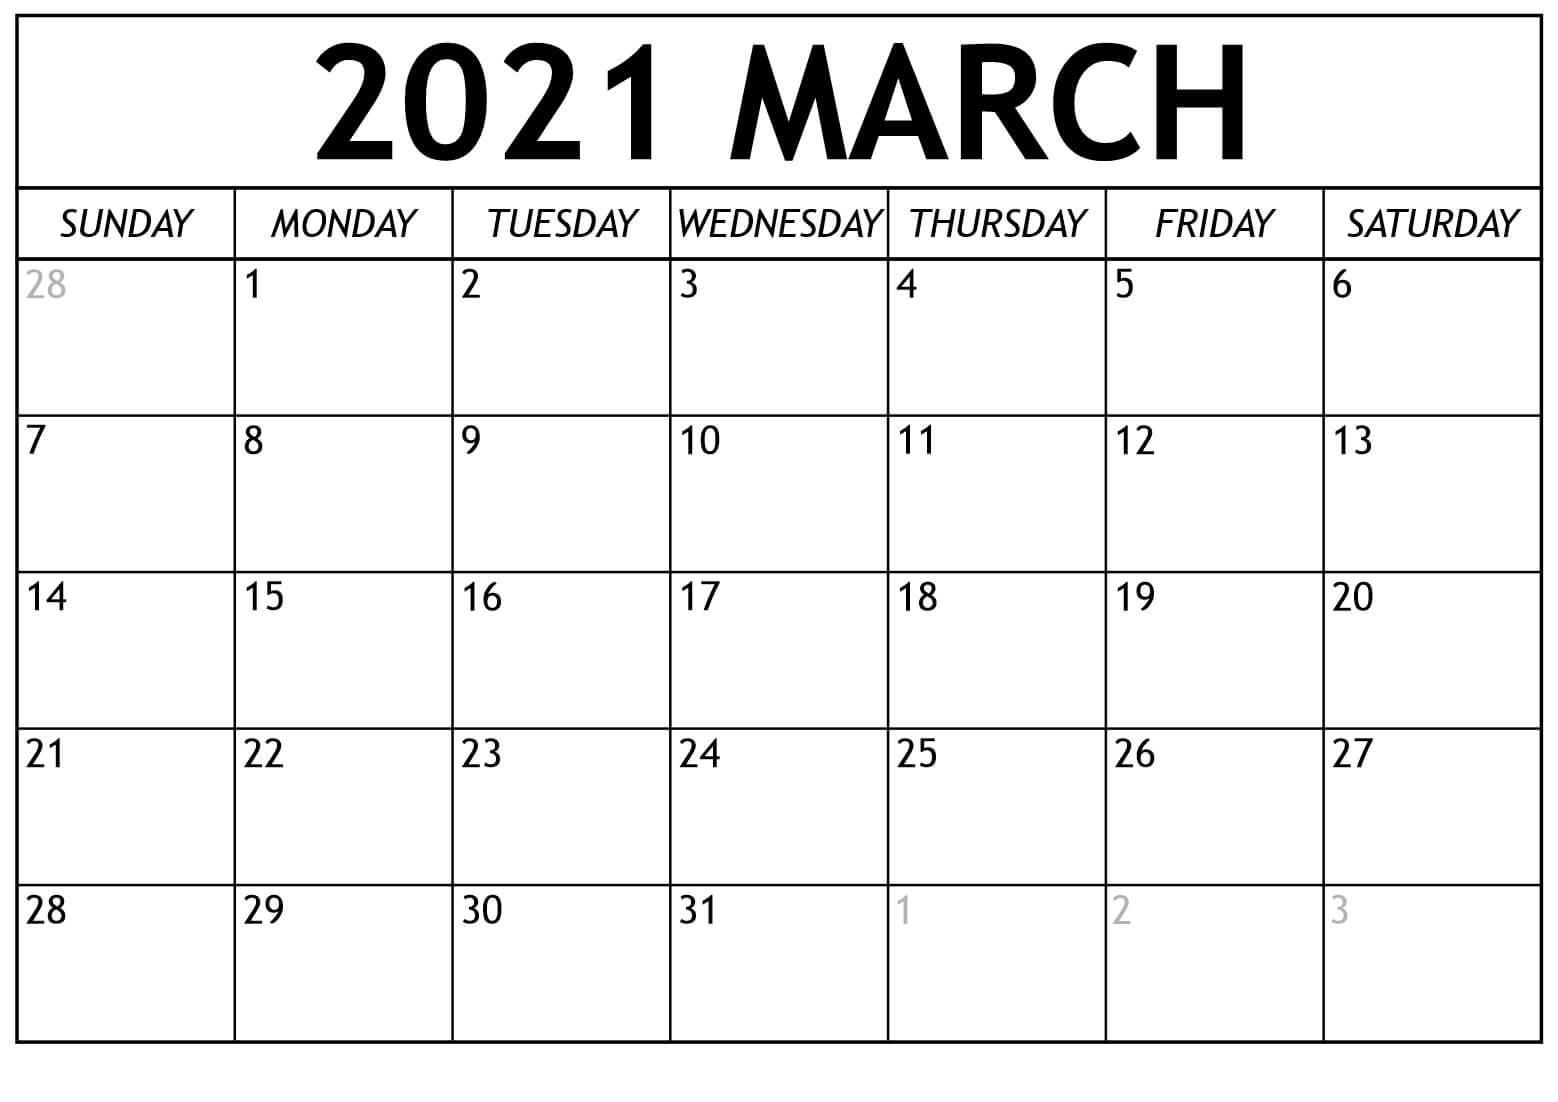 March 2021 Calendar Template Word